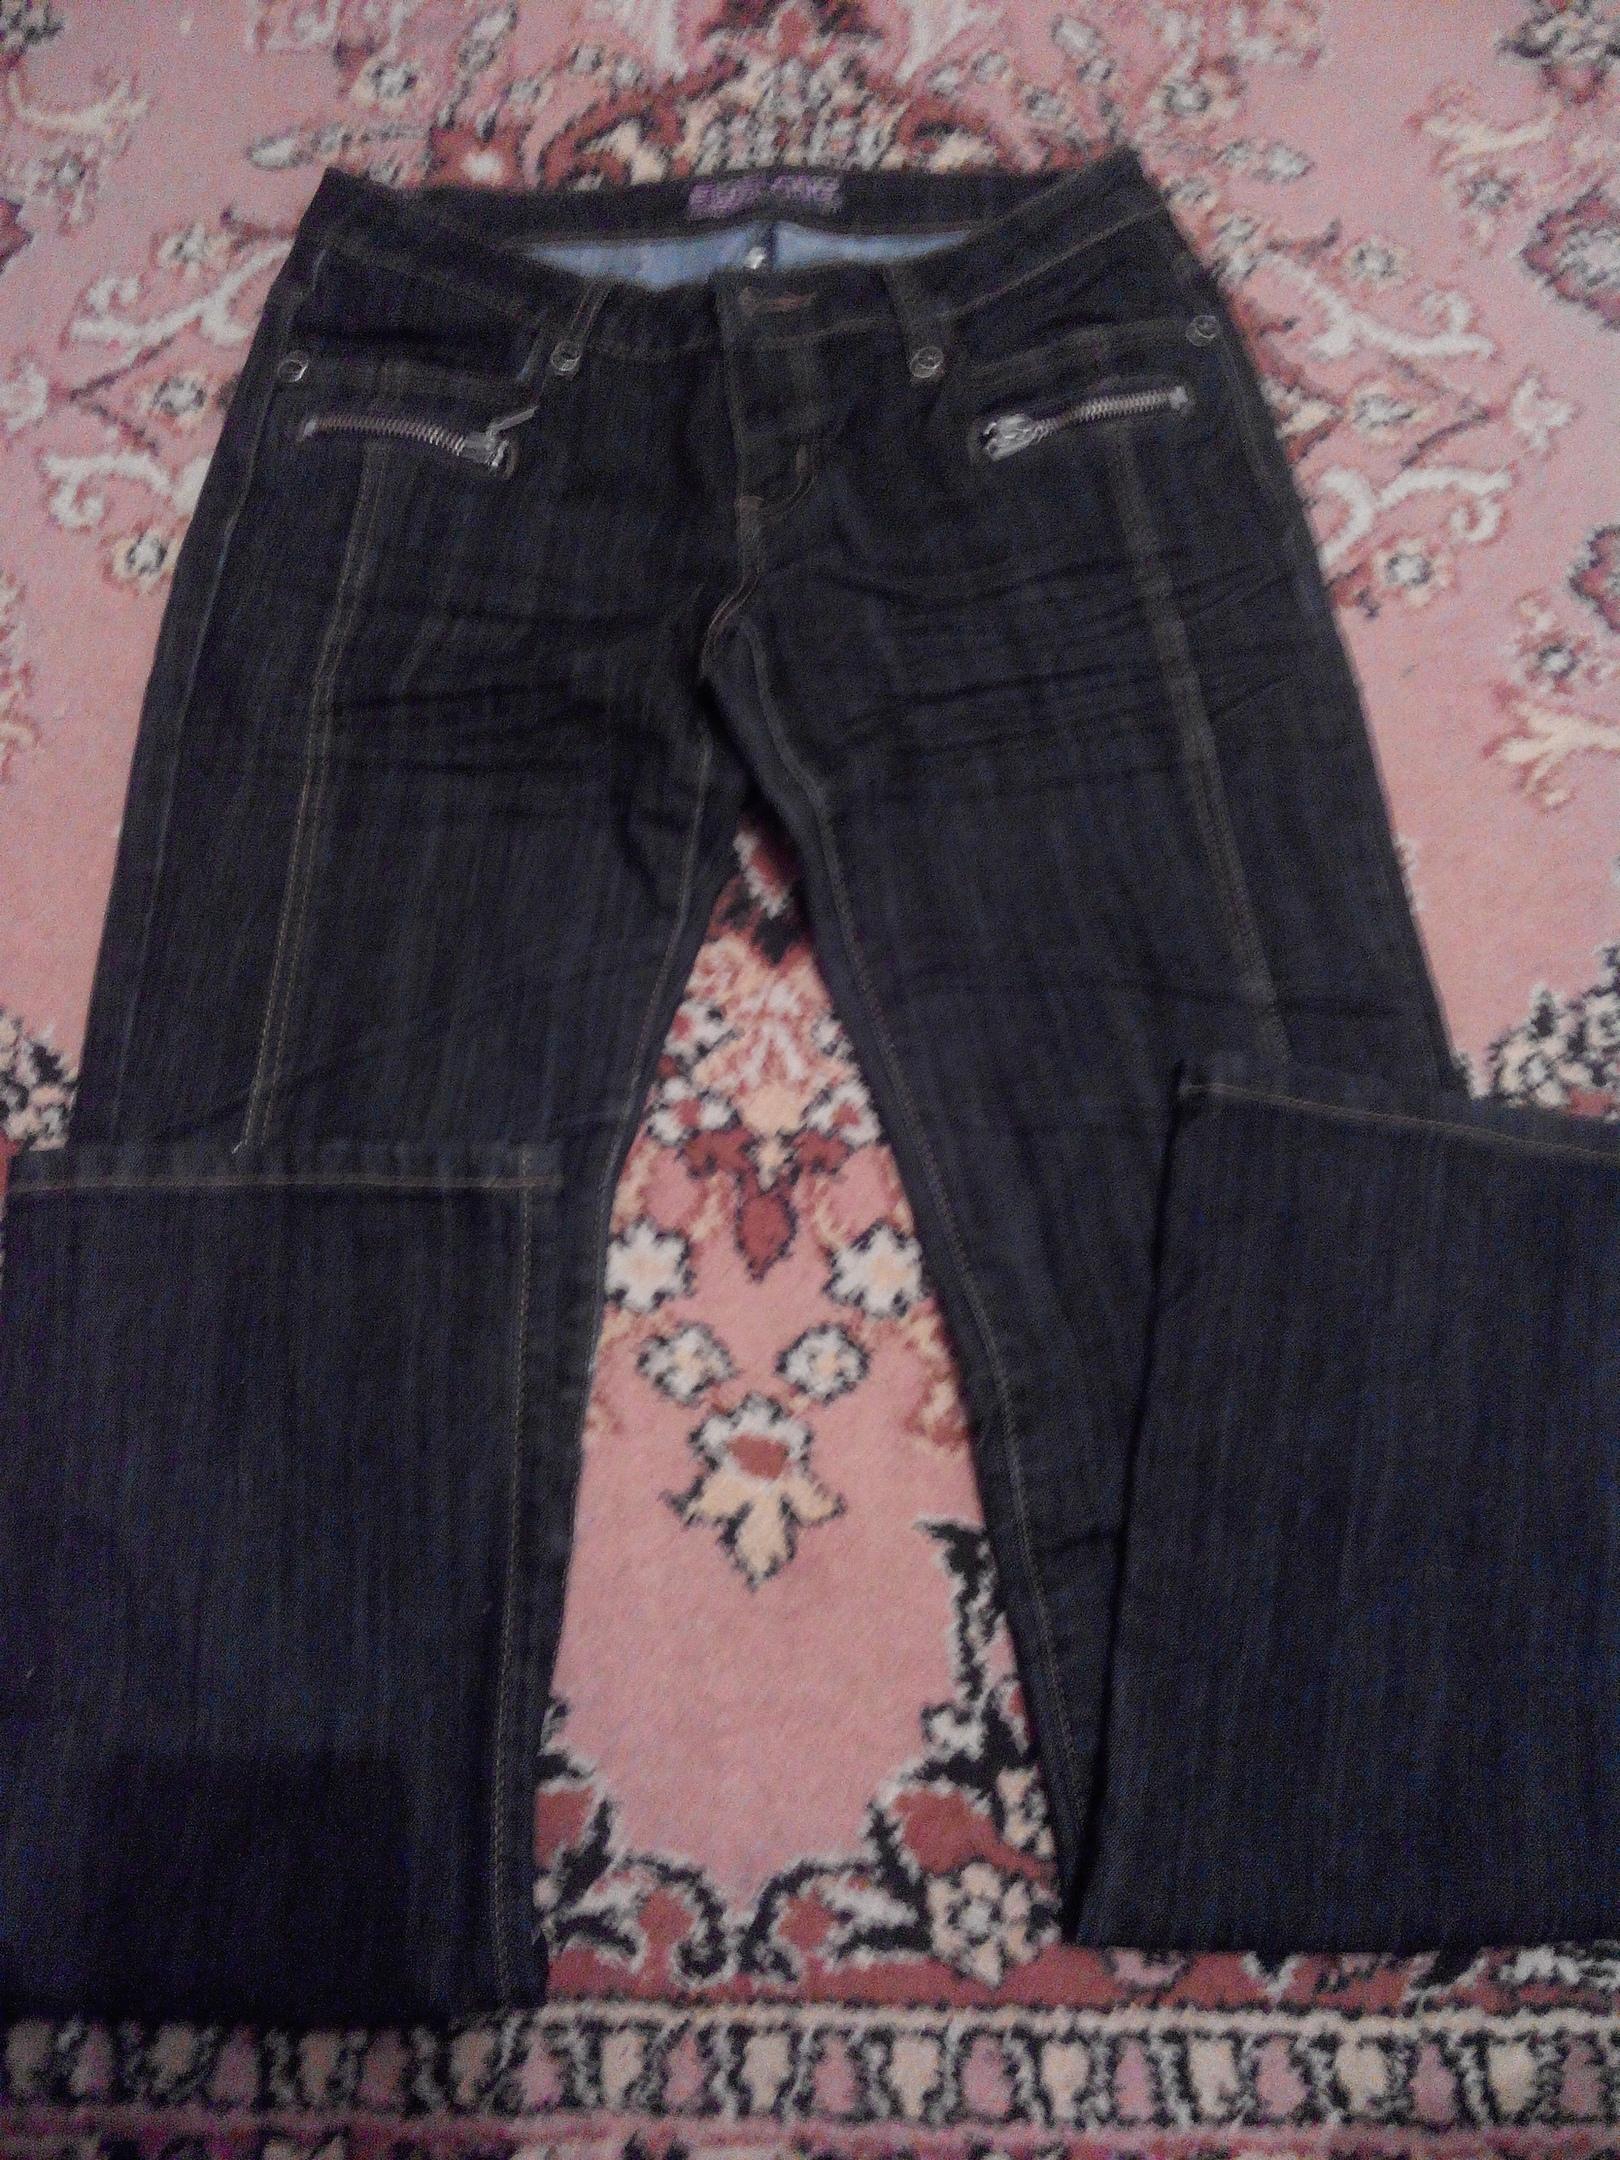 Пакет женских вещей размер 44-46 500 рублей состояние хорошее без пятен и дыр ( в пакете, джинсы новые, брюки тонки летние новые, пиджак новый, брюки льяные, футболка новая кофта и набор халат и ночнушка)